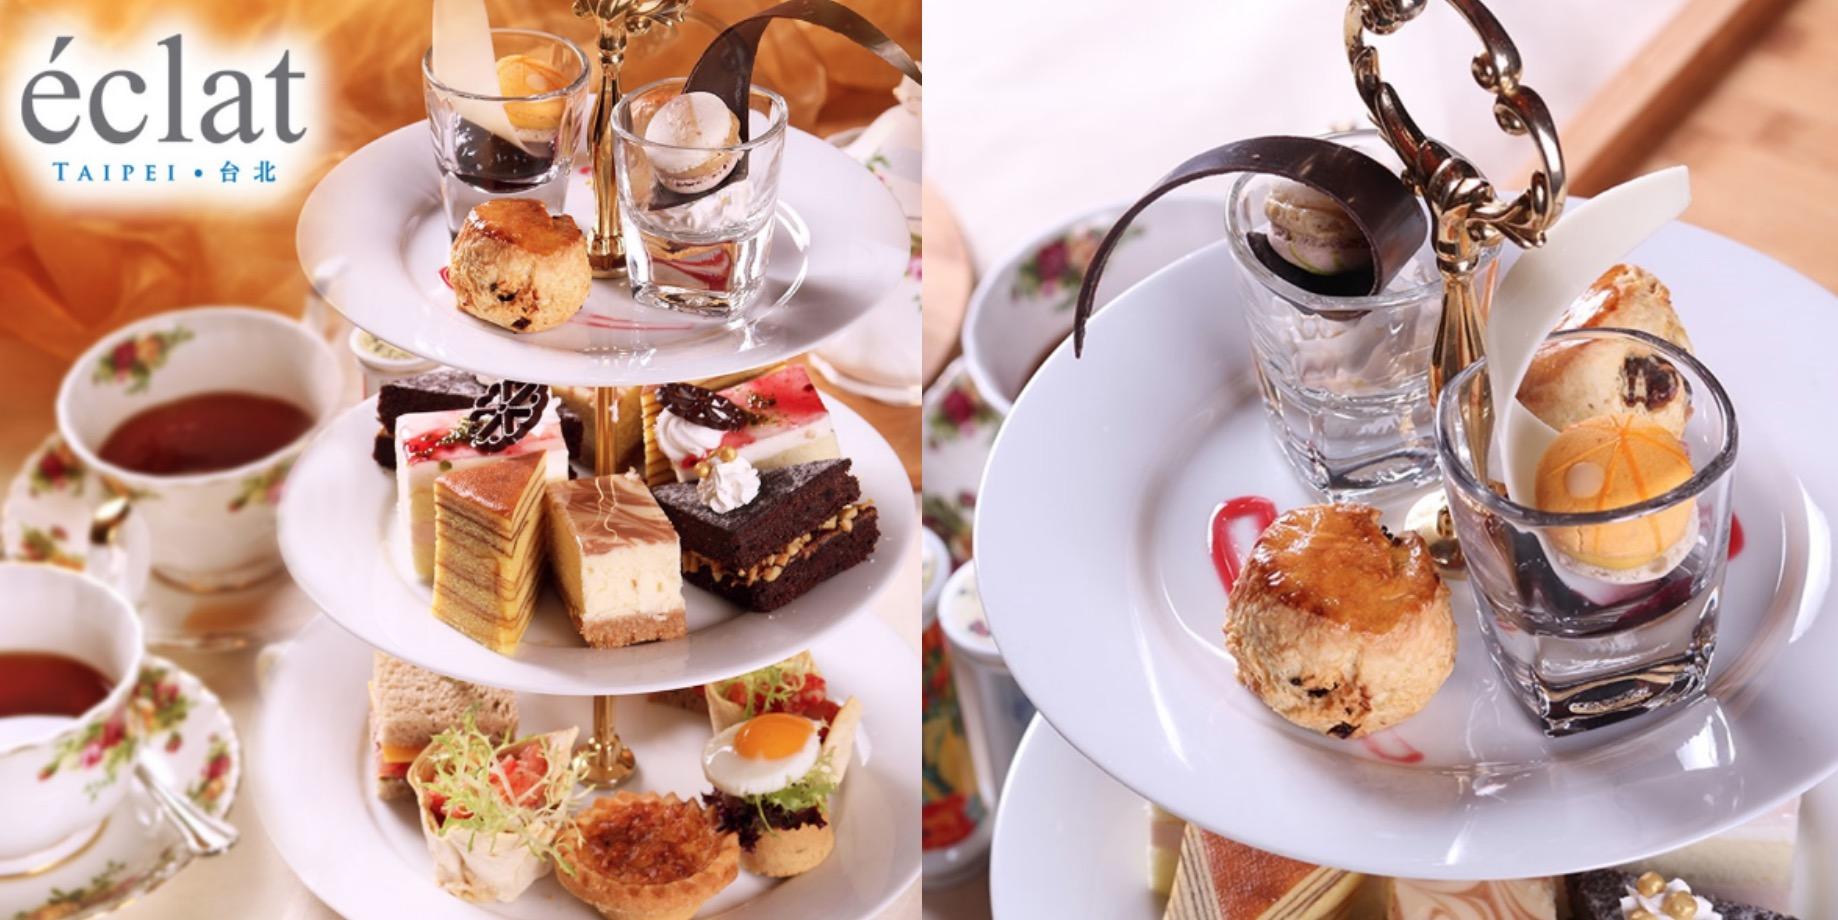 以傳統英式下午茶著稱,搭配多款精選甜鹹點,現做的經典鬆餅,大大滿足挑惕味蕾,金色三層架上充滿精緻點心,伴隨咖啡香與高級手工茶,讓你享受最美好的下午時光。